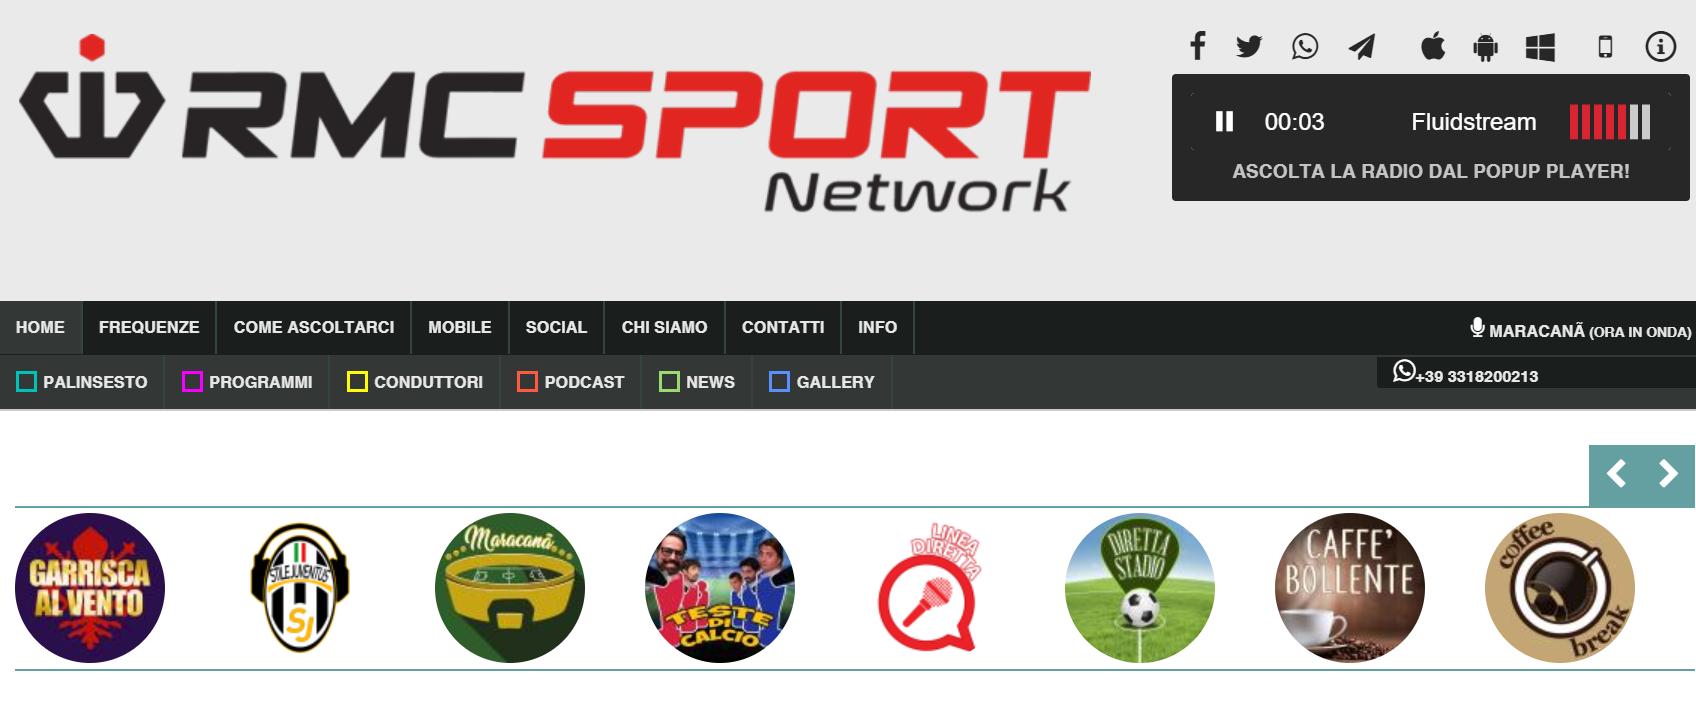 Radio. Ecco i retroscena di RMC Sport Network, la nuova